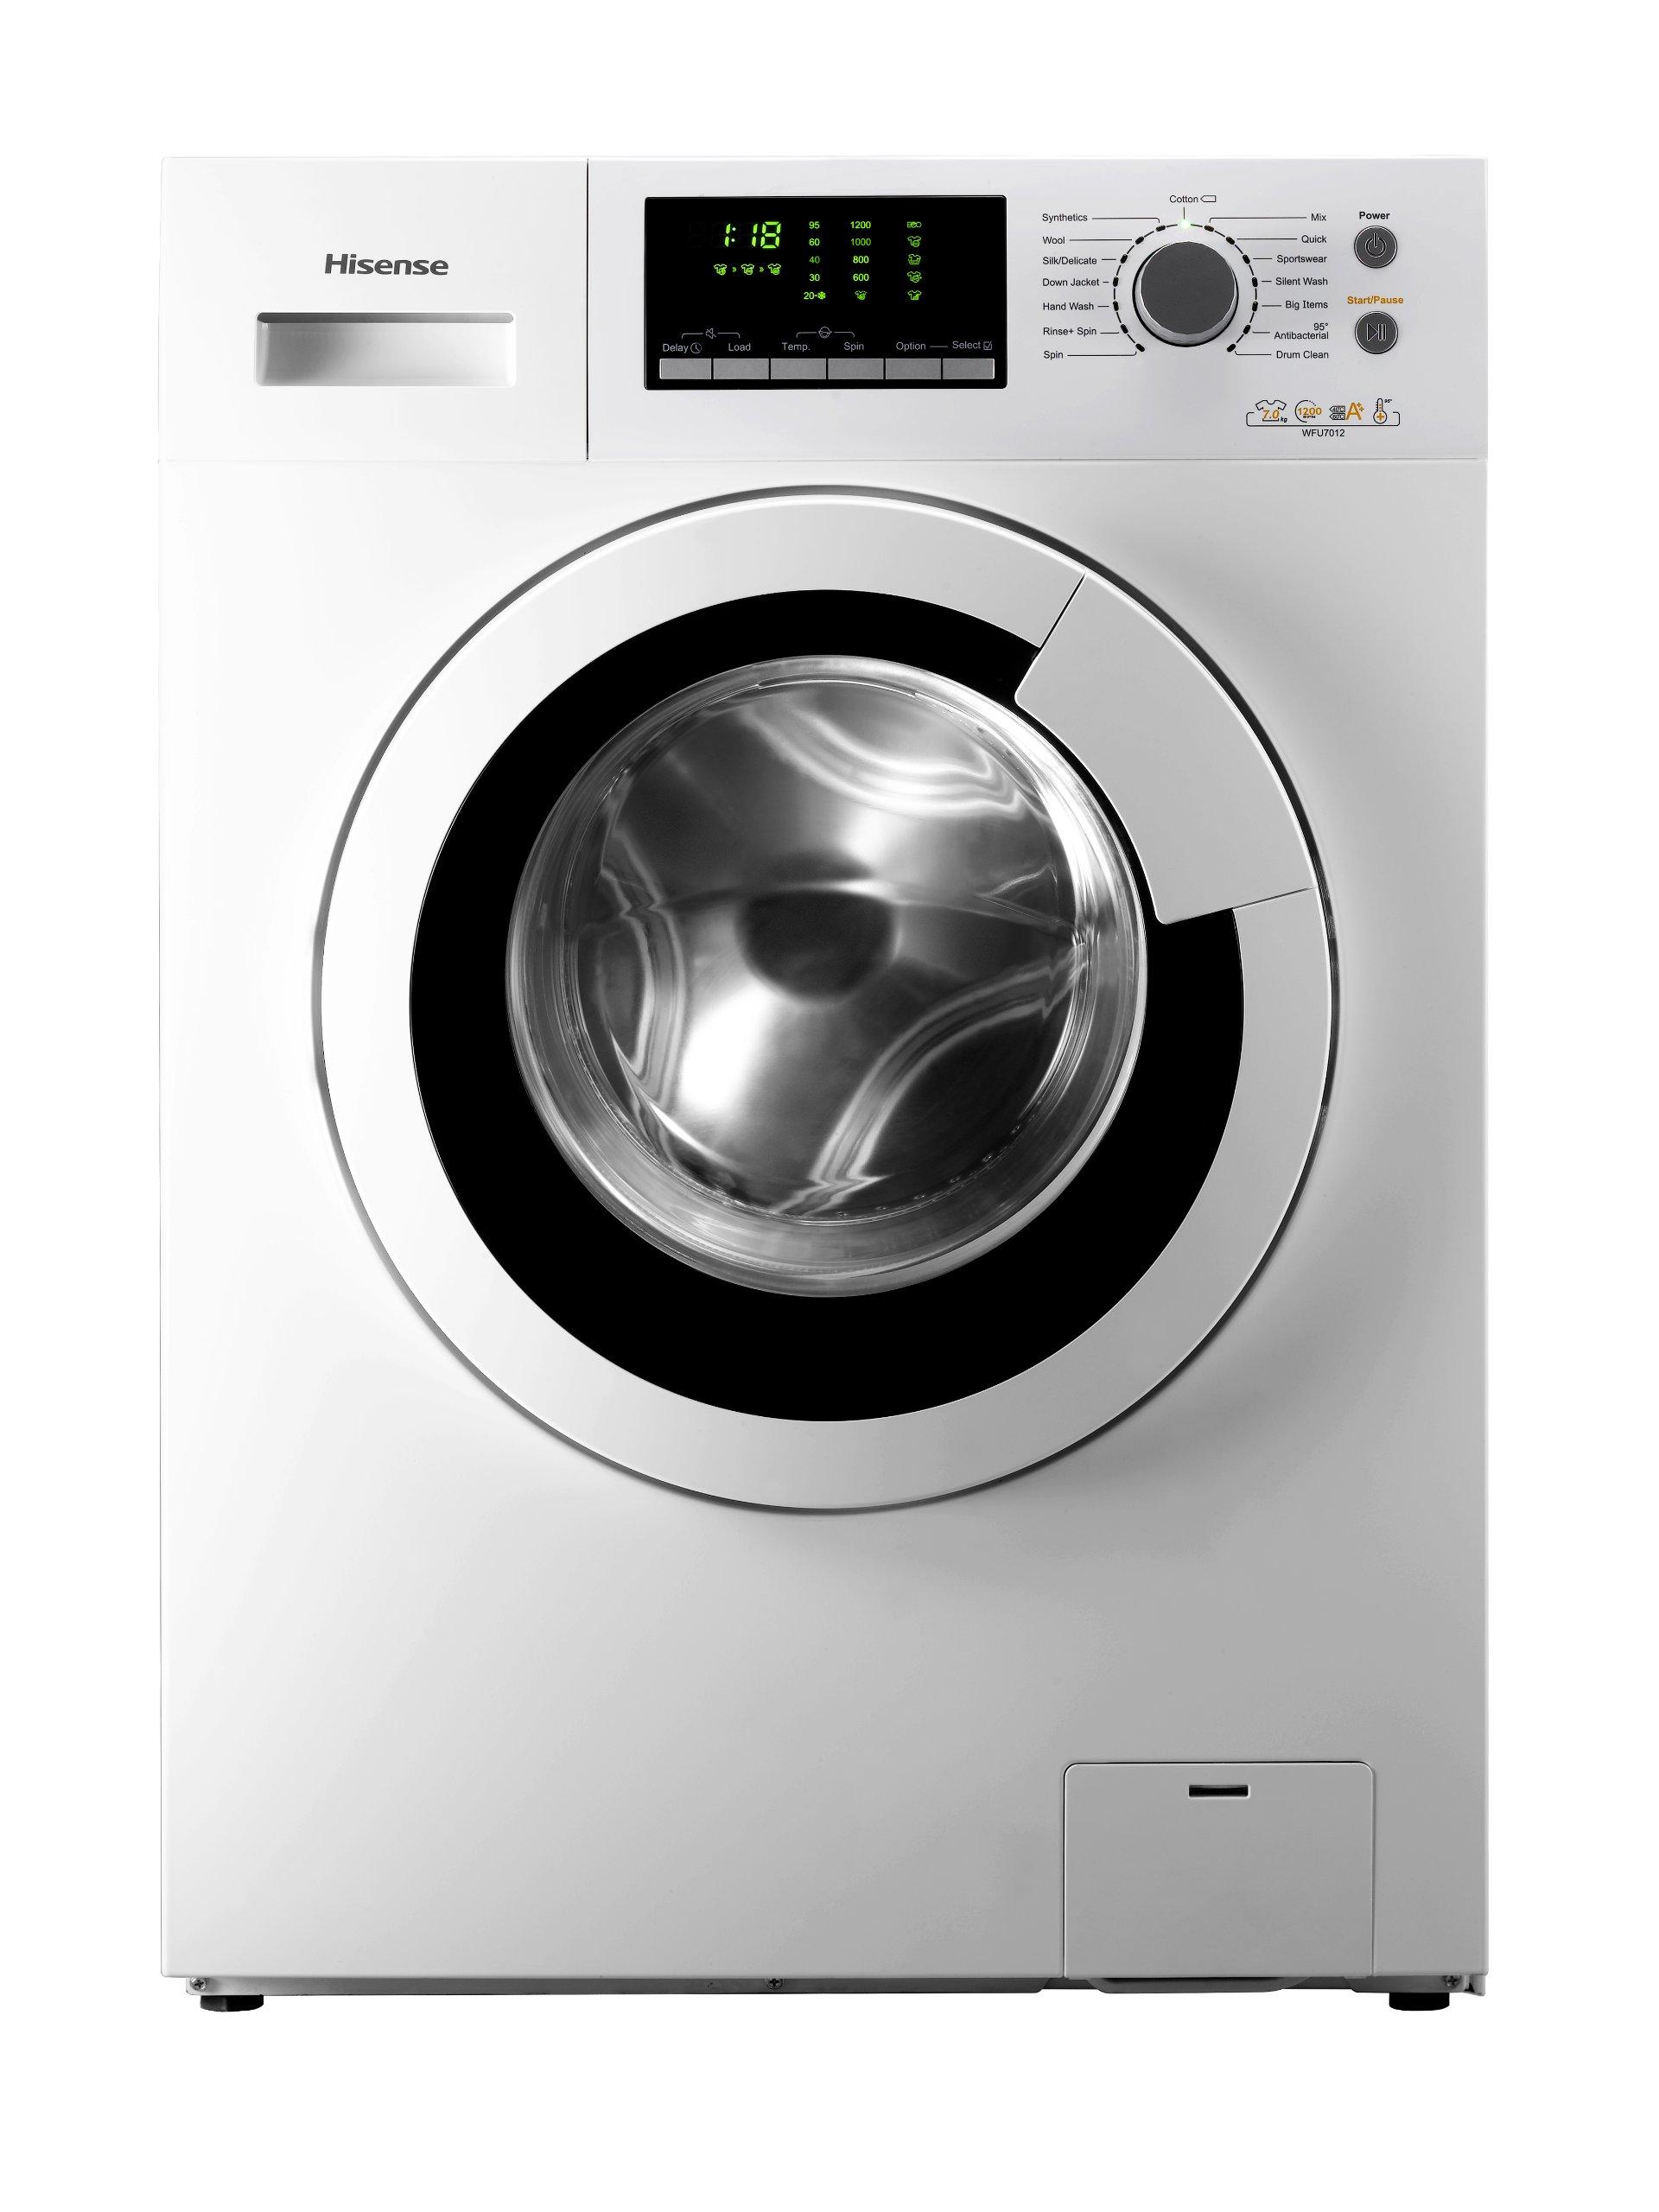 Hisense-WFU6012-Waschmaschine-FL-A-1720-kWhJahr-1200-UpM-6-kg-79900-LJahr-360-Smart-Wash-wei